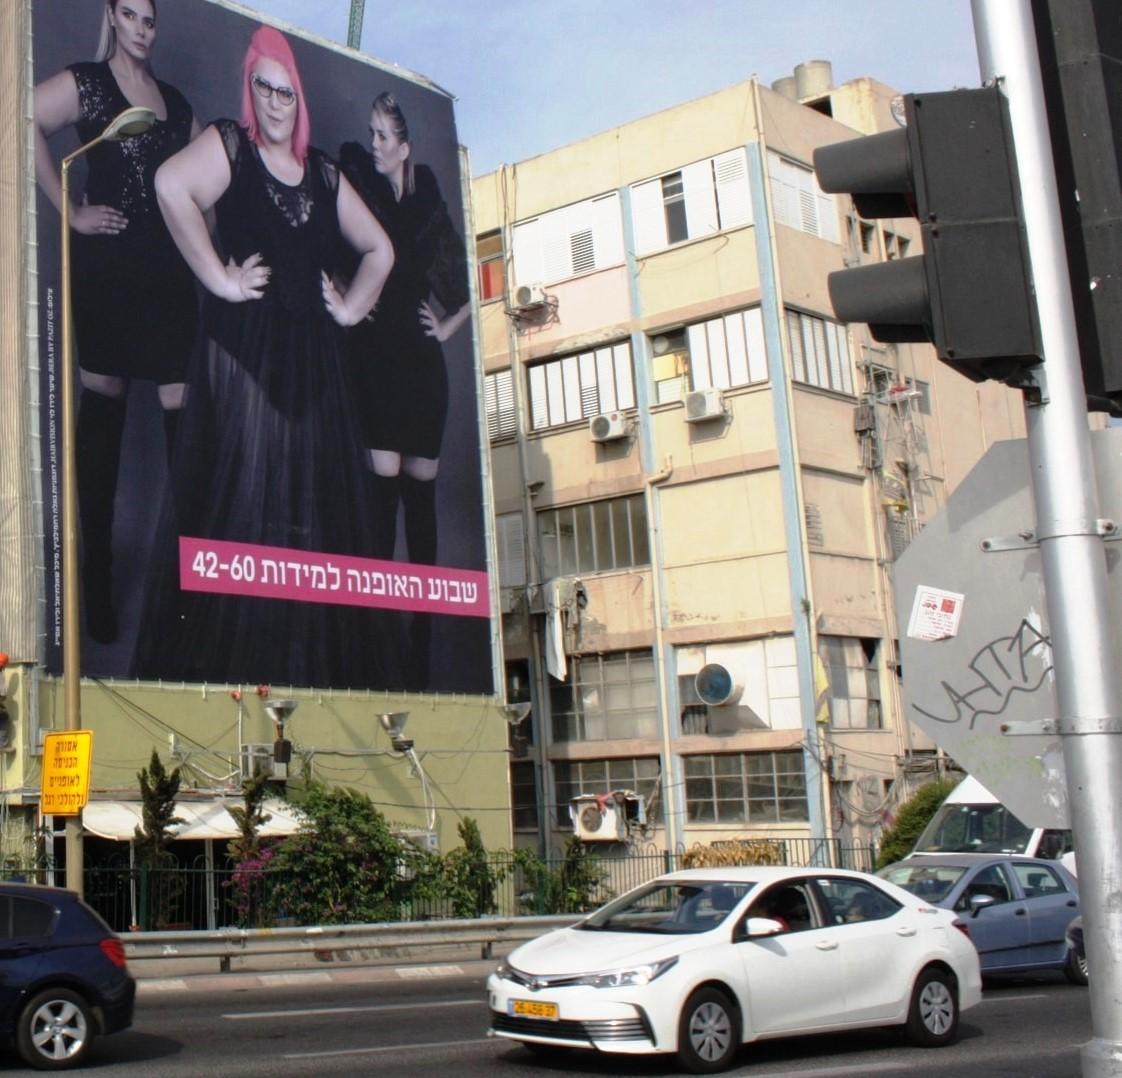 מודעת שבוע האופנה למידות גדולות (42-60) עם גאלה רחמילביץ במרכזה, על בניין באיילון